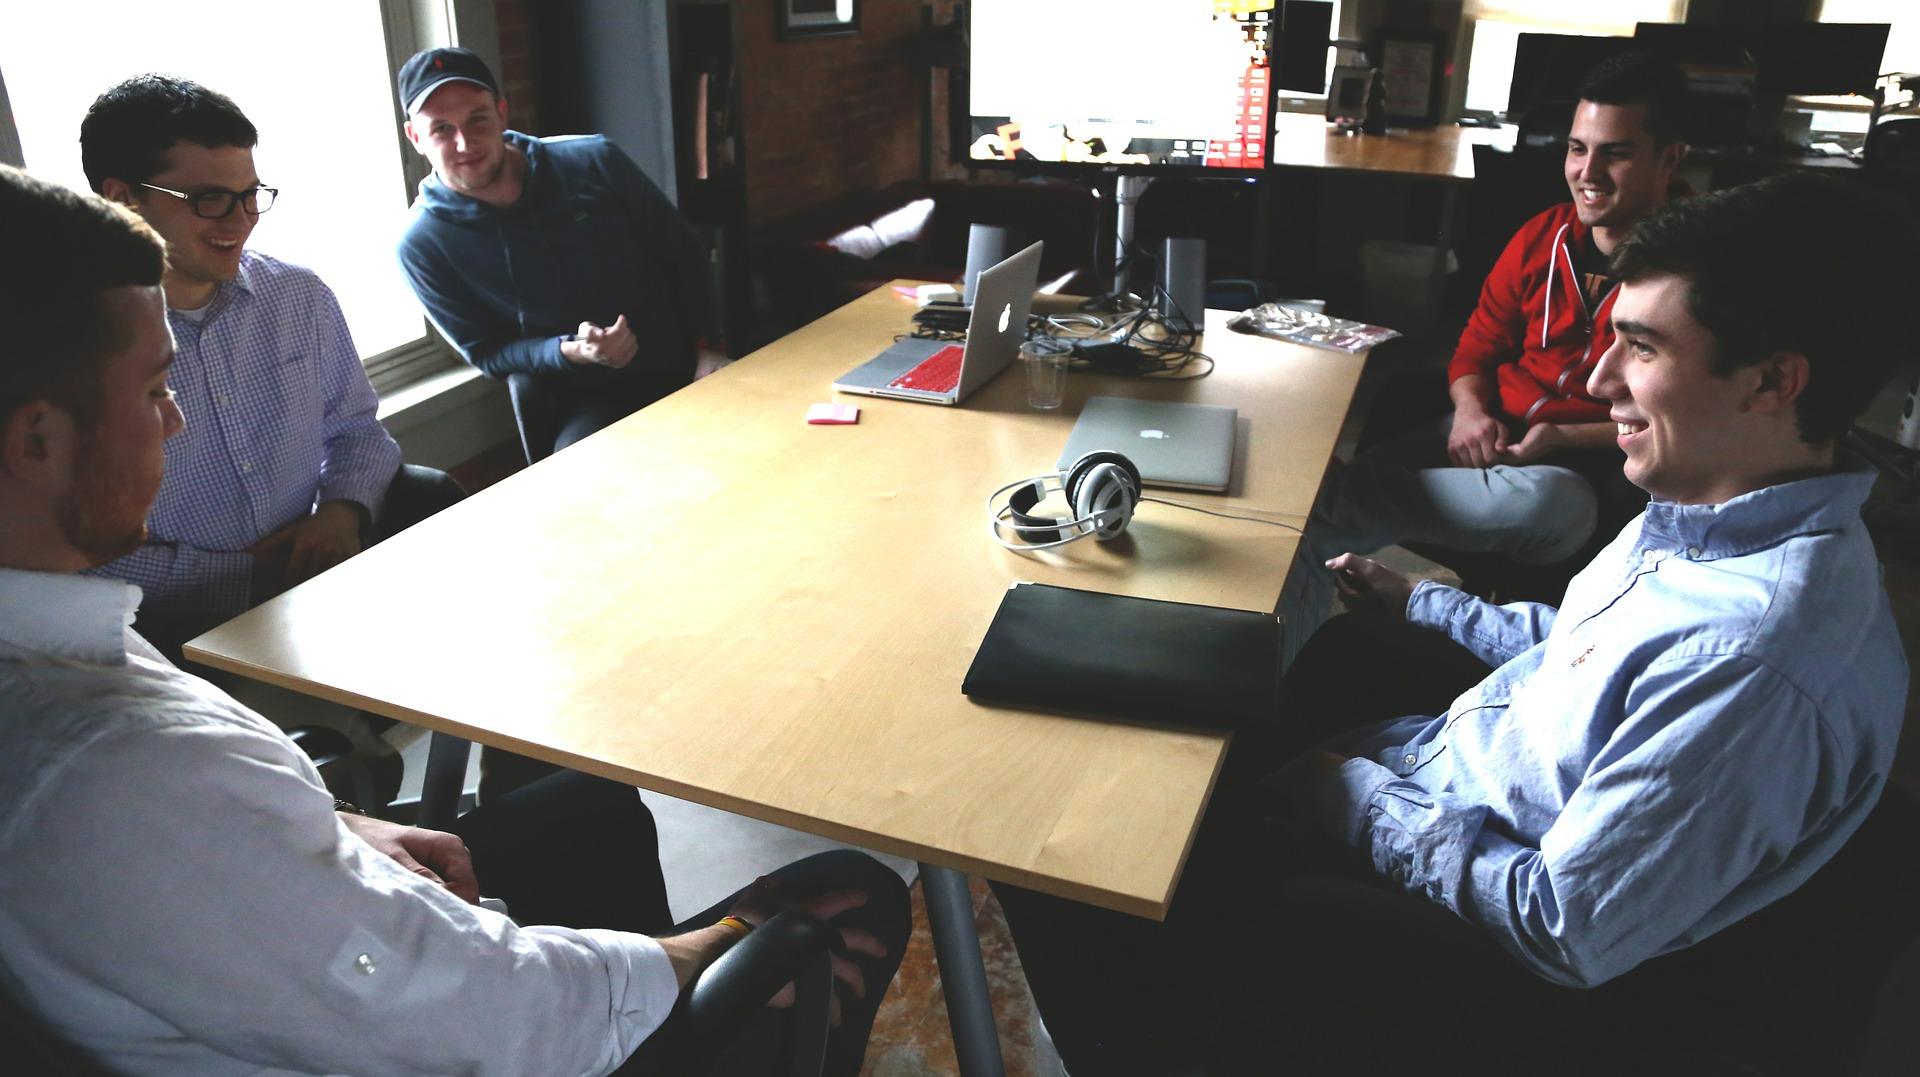 Vendre son entreprise, 1 créateur de start-up sur 3 y songe